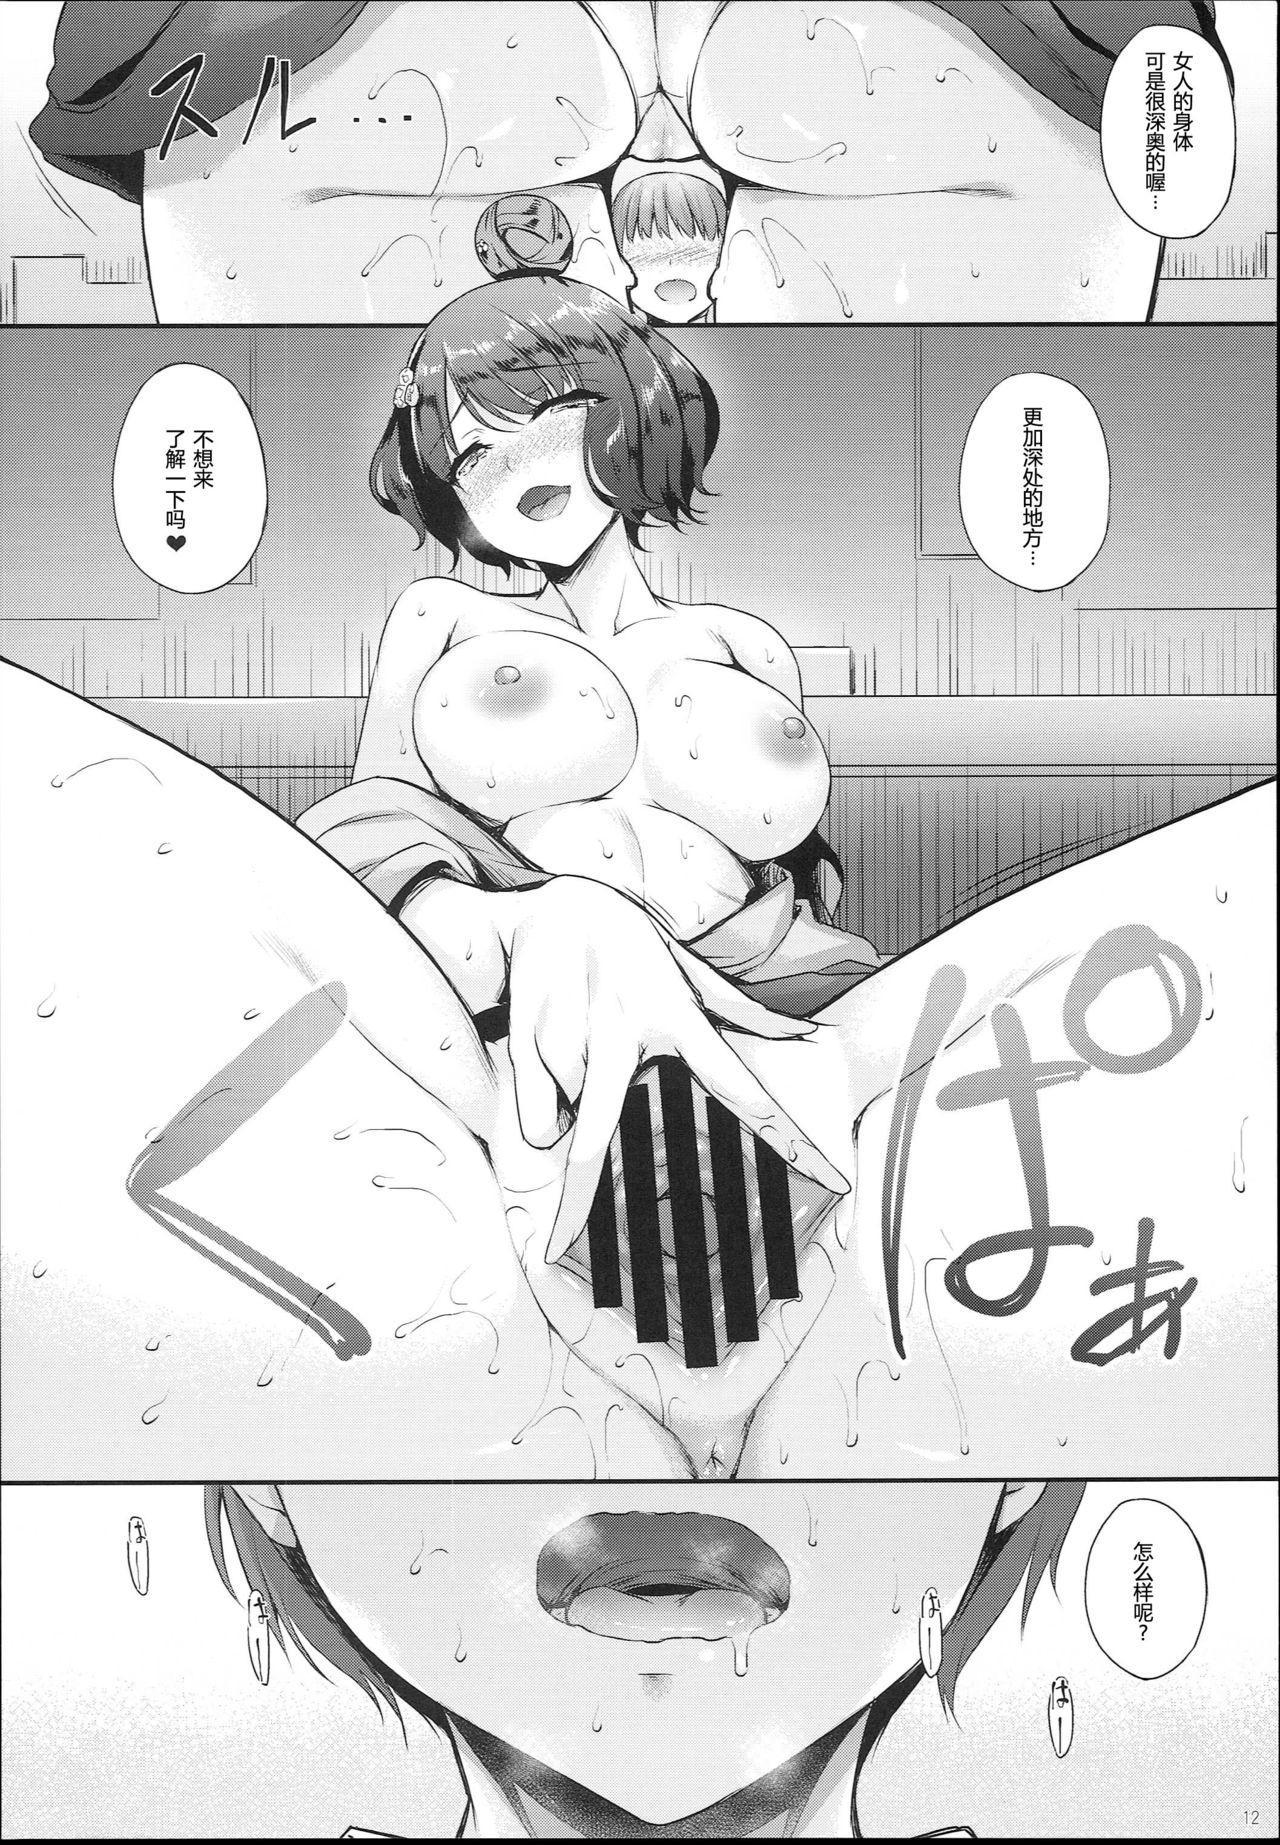 Hokusai-chan no Fudeoroshi 12